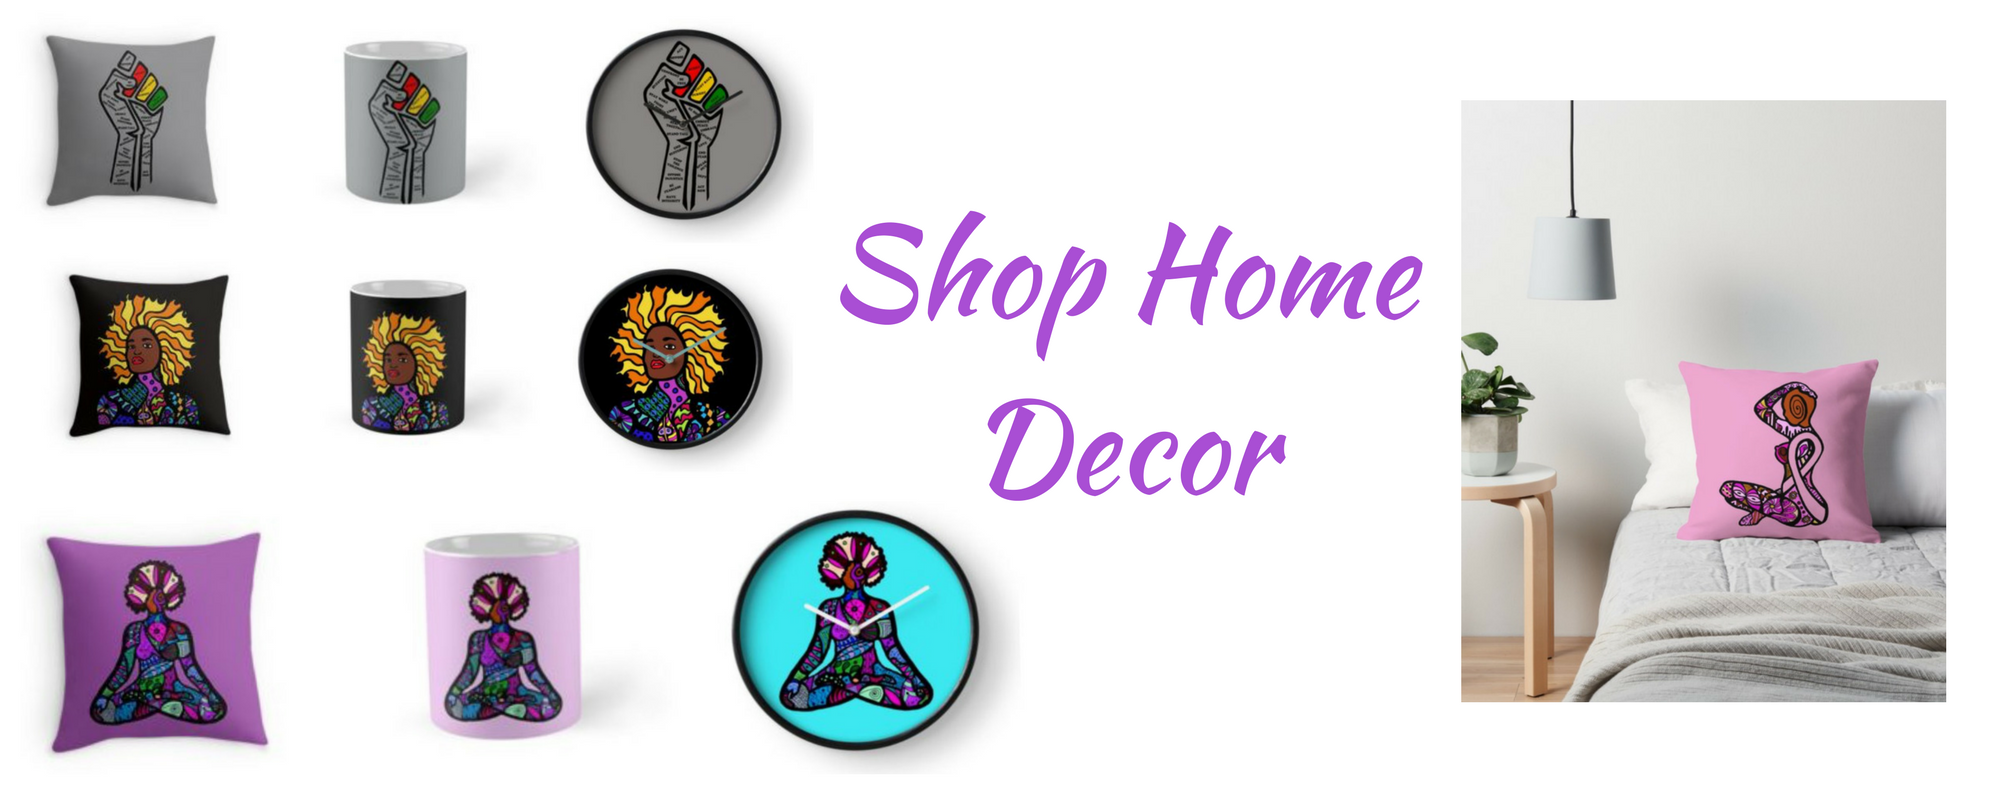 Shop for home decor